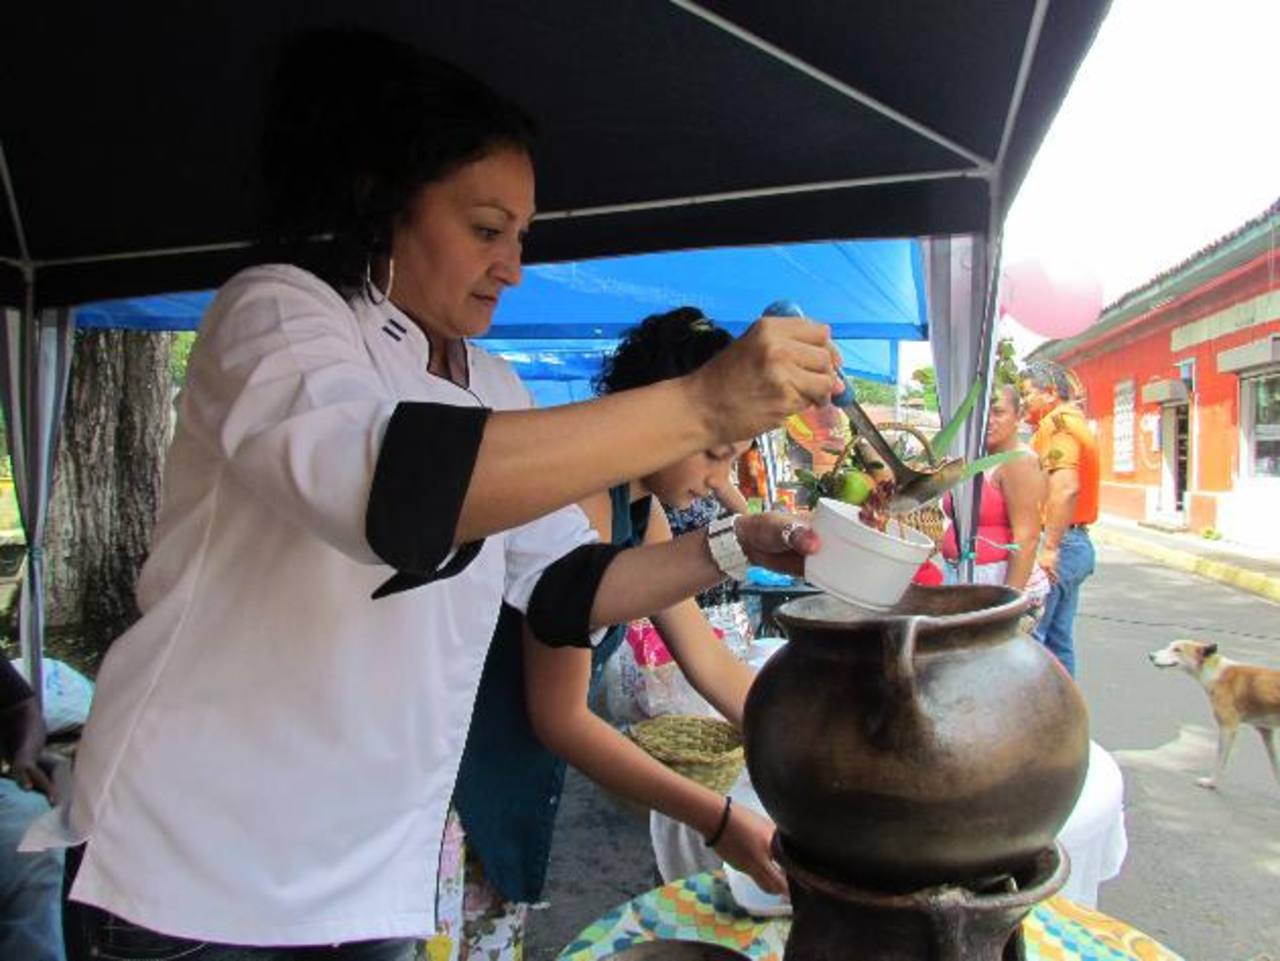 Los asistentes disfrutar de los platillos que fueron elaborados con frijoles, explicaron los organizadores. Fotos EDH / Mauricio Guevara